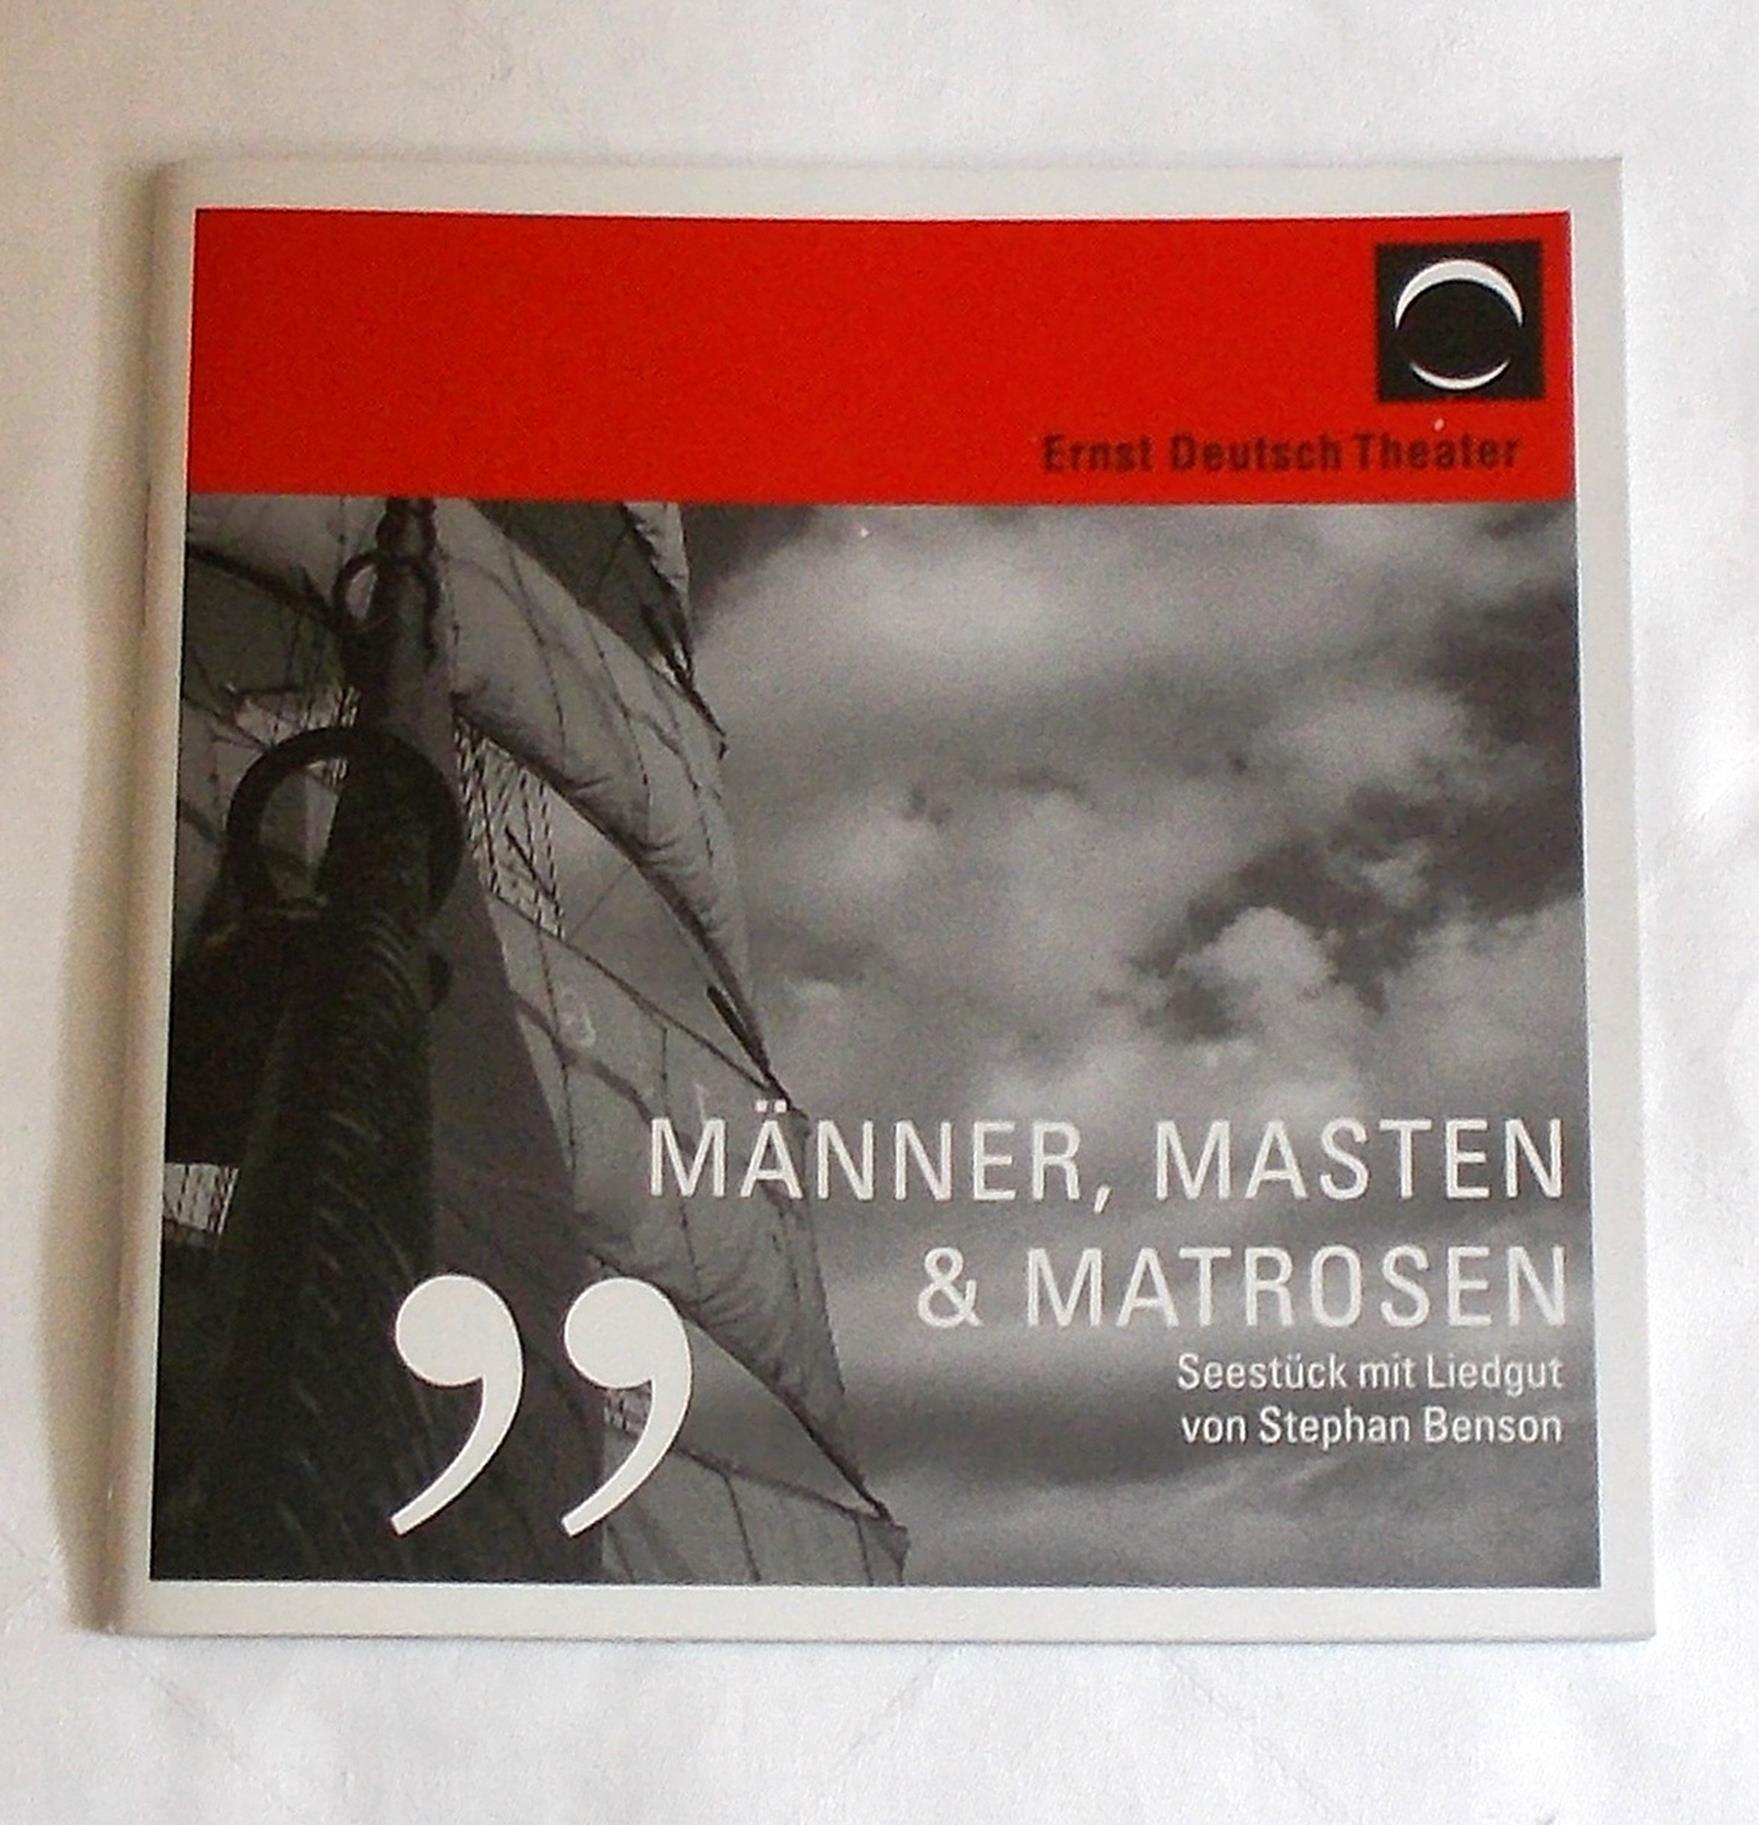 Programmheft Männer, Masten und Matrosen. Ernst Deutsch Theater 2007